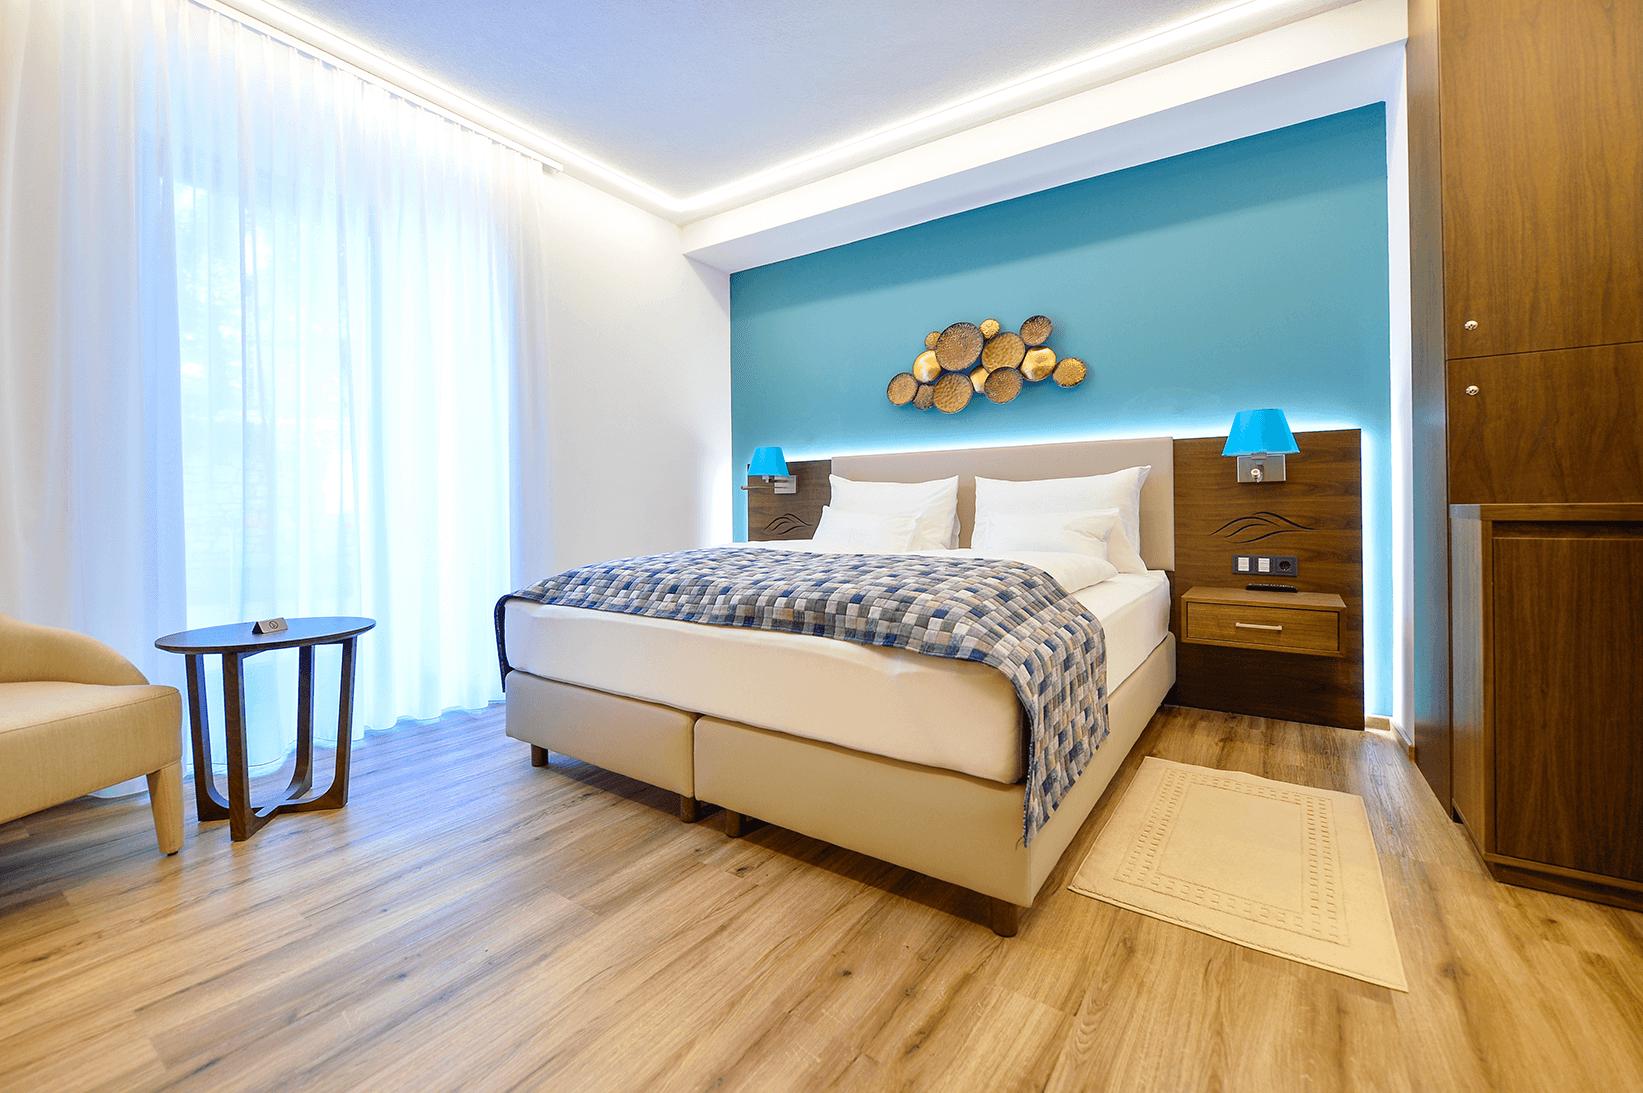 Doppelzimmer ohne Balkon_Erdgeschoß_Boutiquehotel_Wörthersee